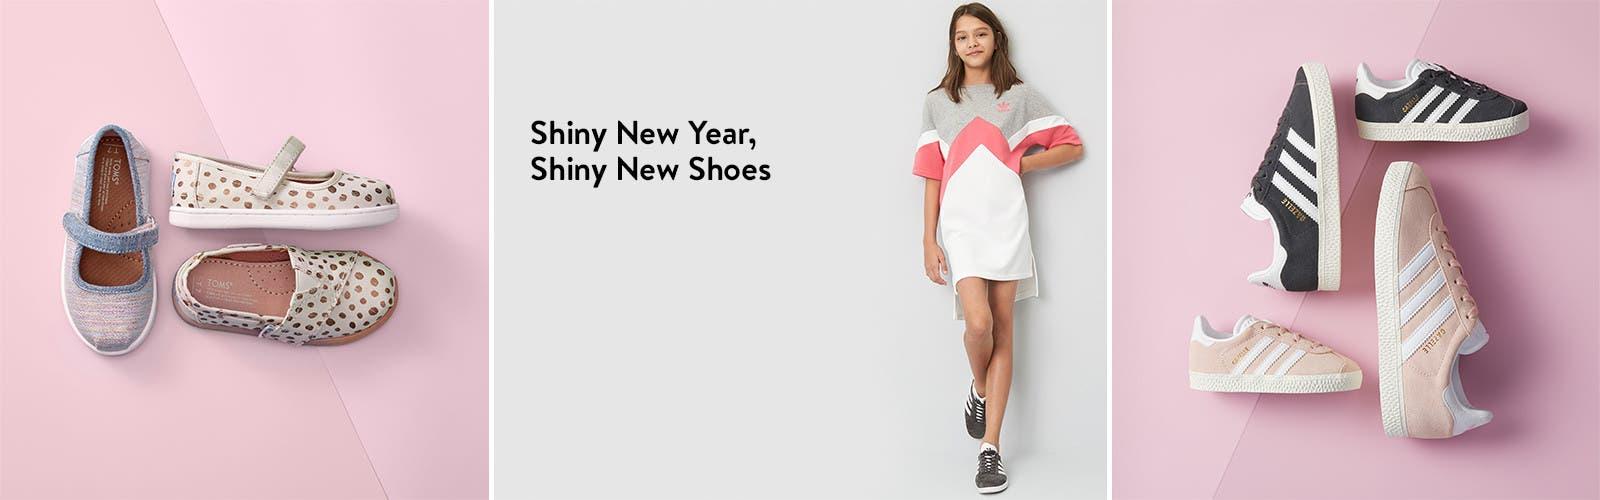 Shiny new year, shiny new shoes.